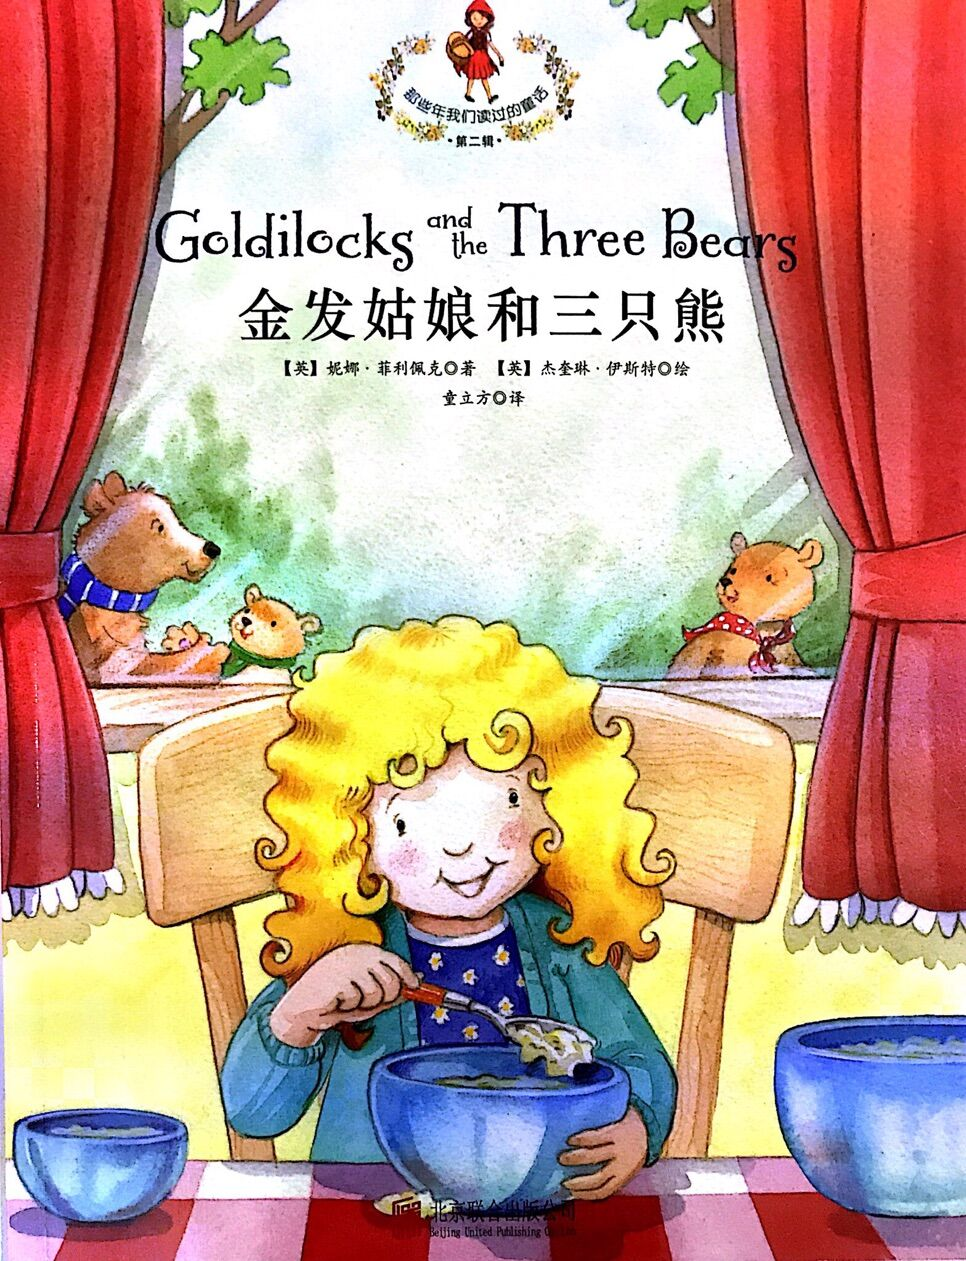 那些年我们读过的童话:金发姑娘和三只熊